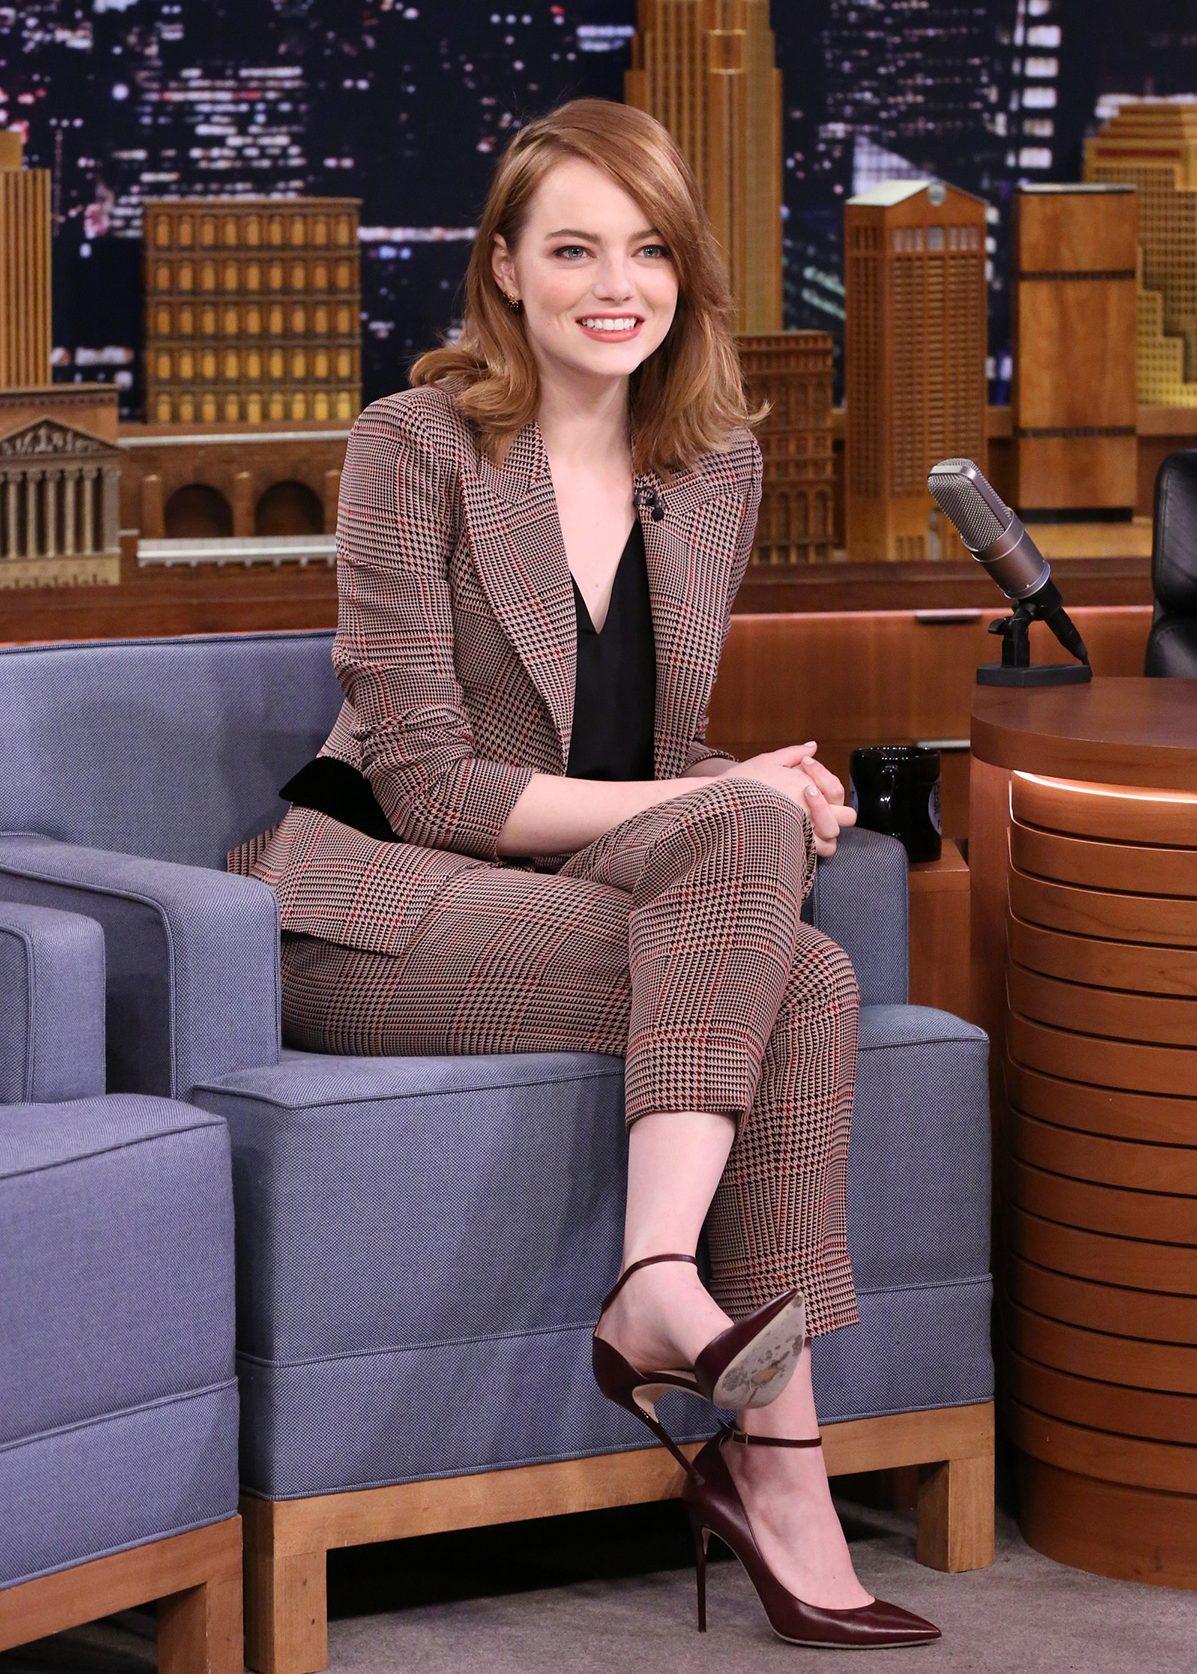 Emma Stone Takes the 'Whisper Challenge' on 'Fallon'